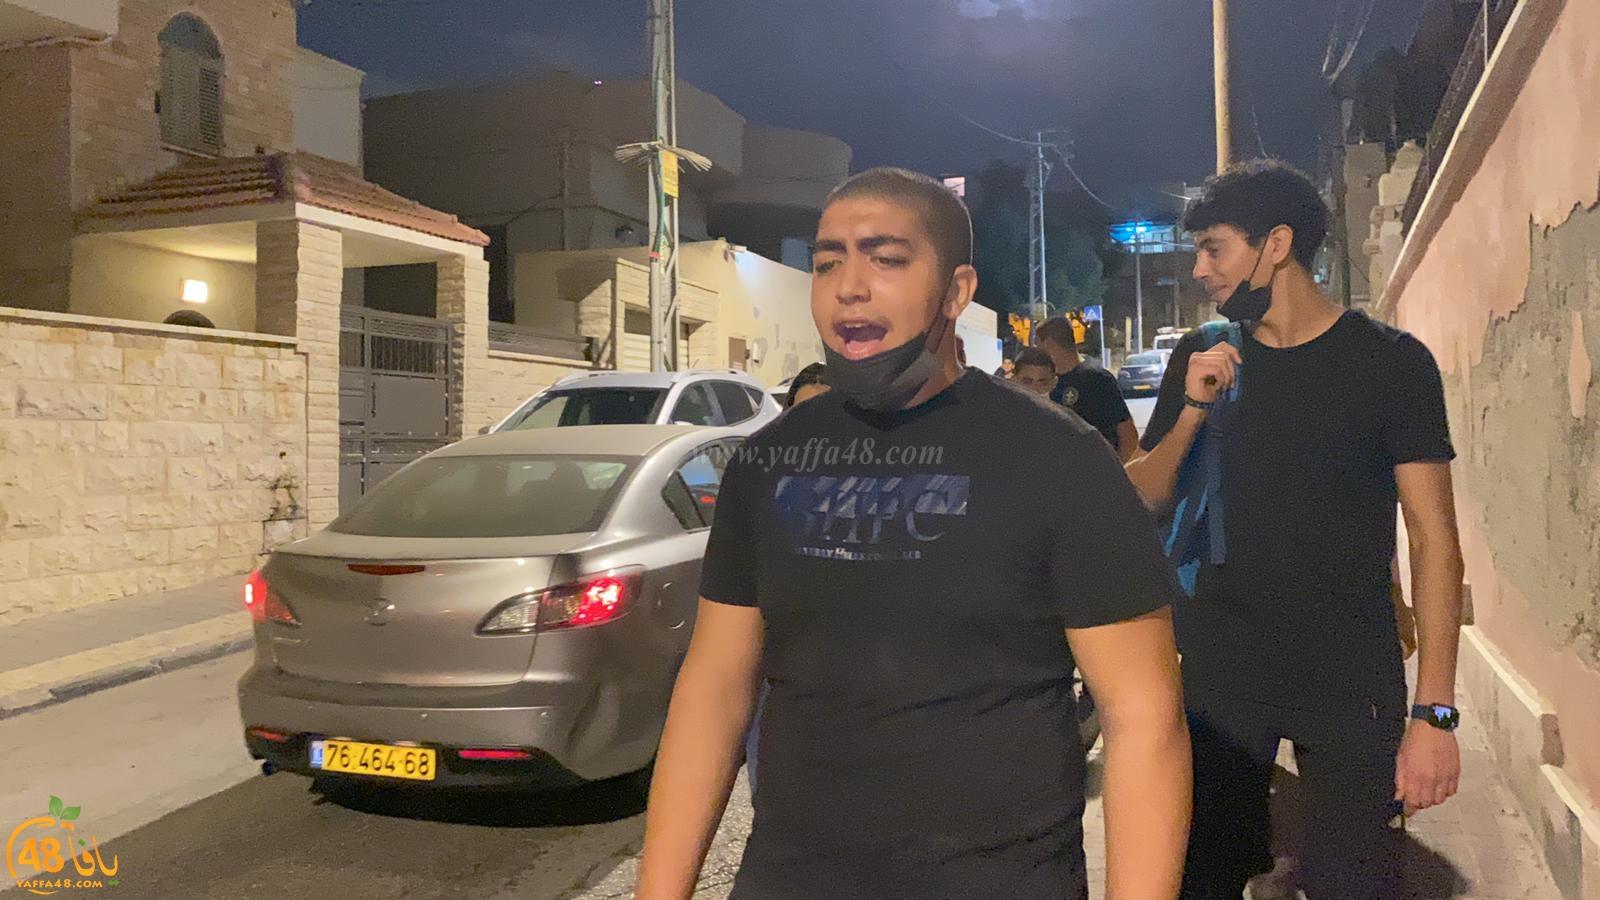 سريّة كشّاف النادي الإسلامي تنظّم فعاليّات متنوّعة بمدينة يافا